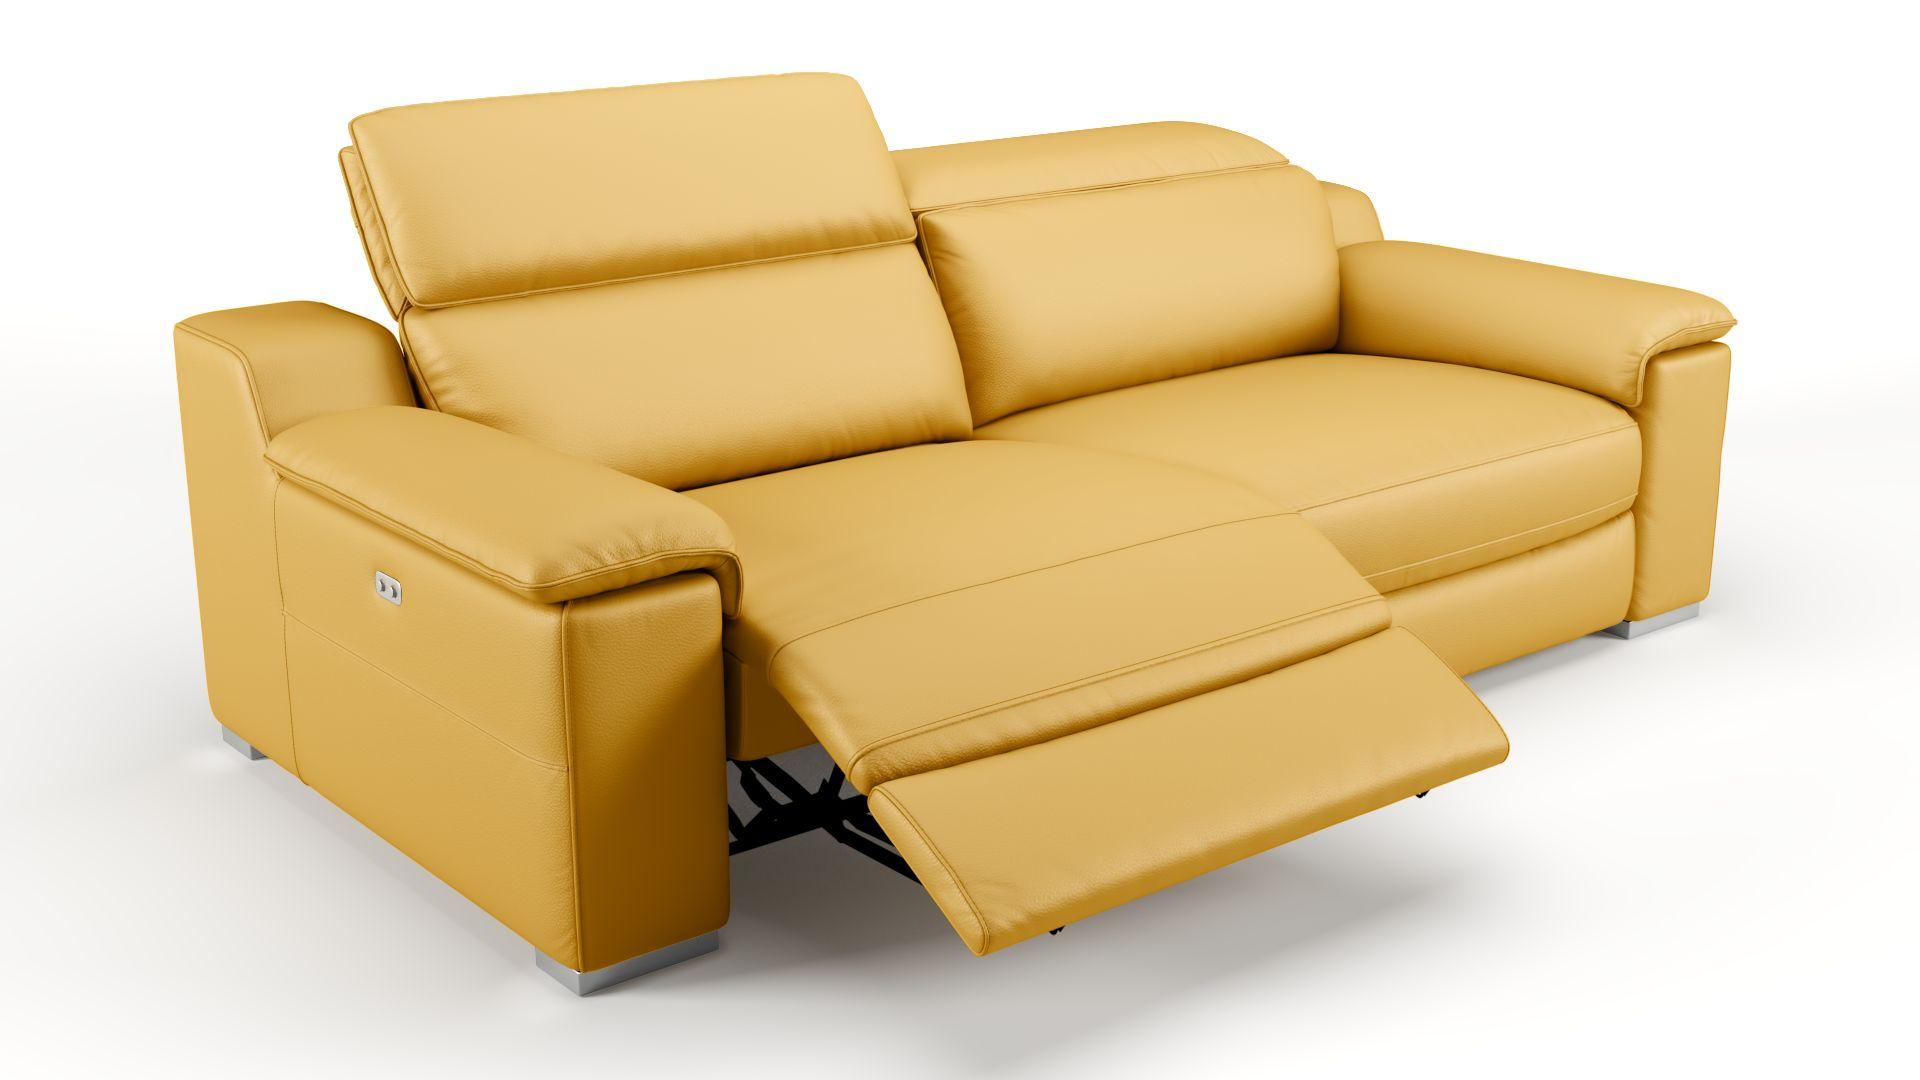 Full Size of 3 Sitzer Sofa Roller Couch Ikea Mit Schlaffunktion Bettkasten Ledersofa Macello Relaxfunktion Sofanella Leder Braun Grau Stoff Kleines Wohnzimmer überzug Sofa 3 Sitzer Sofa